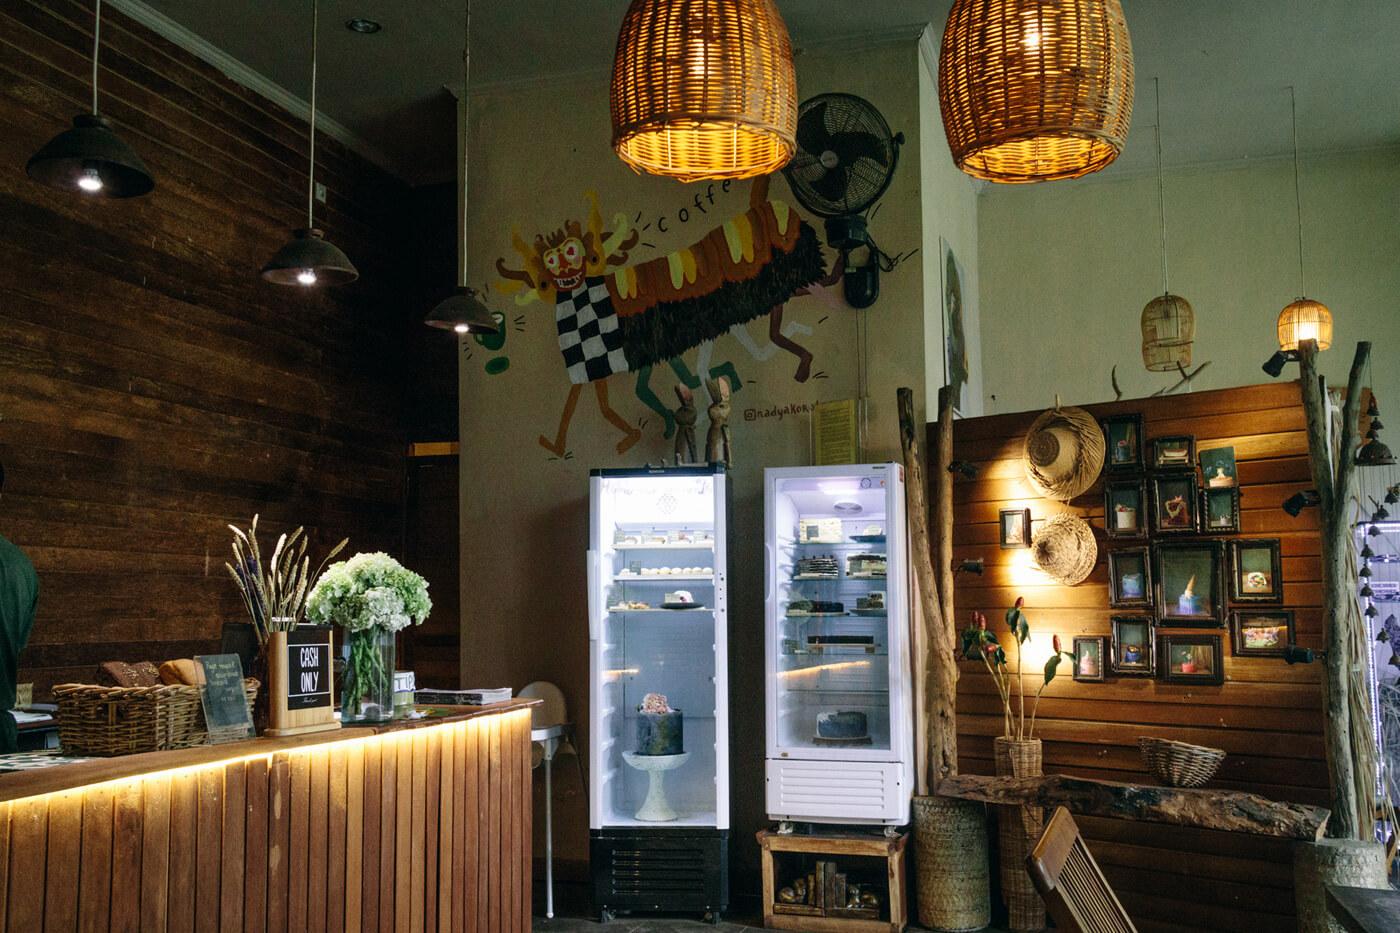 Usha Cafeは比較的いつでも空いている穴場カフェ